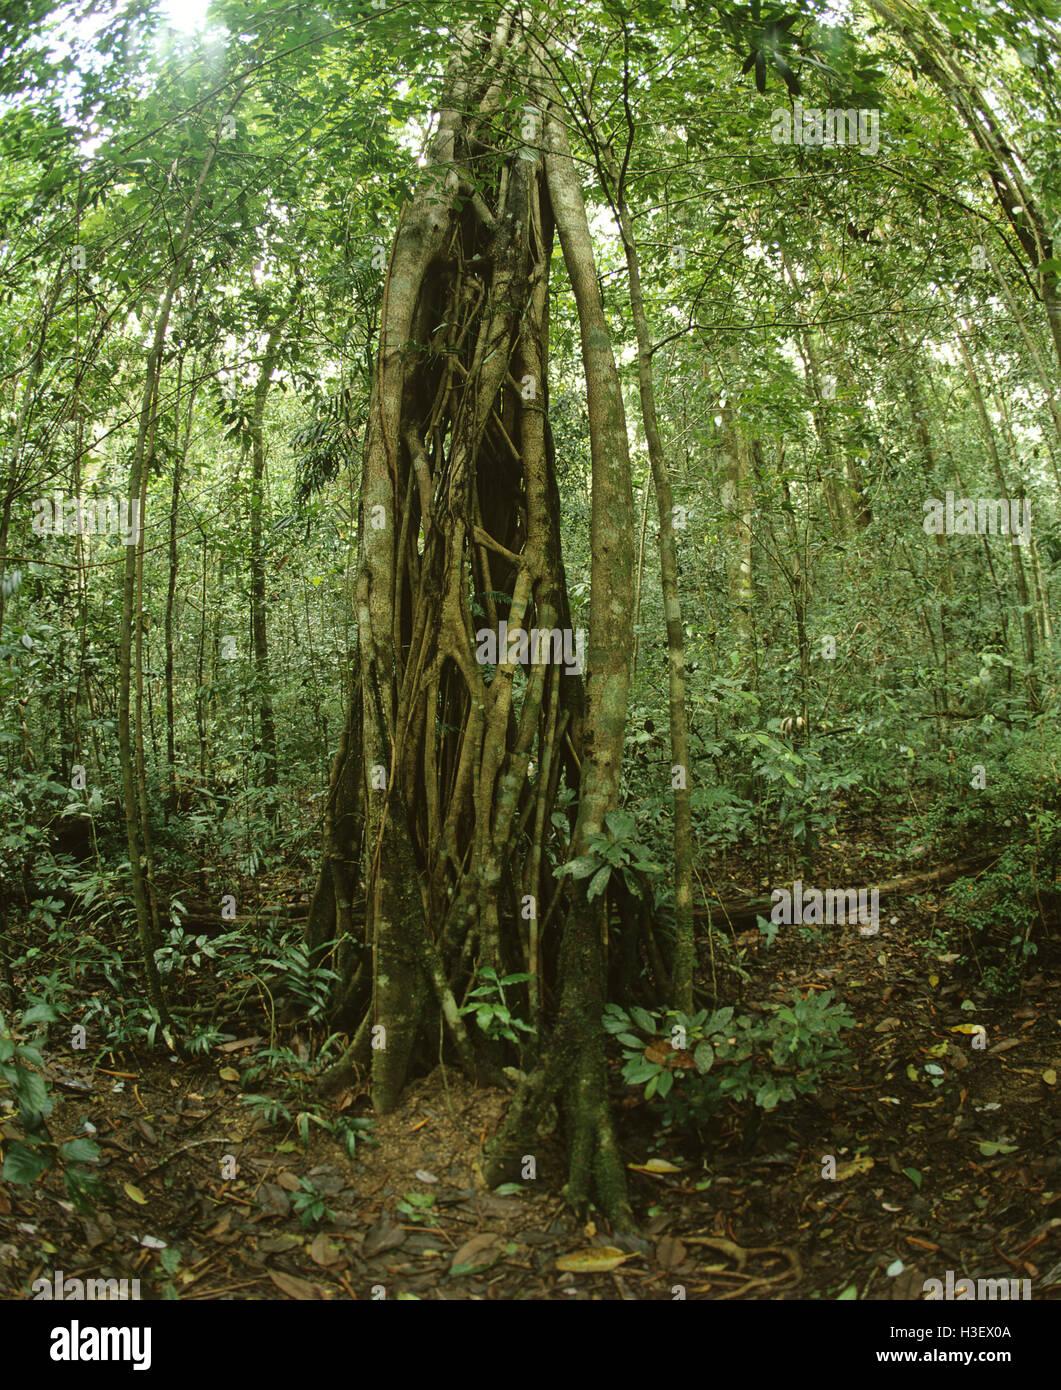 Triton's trumpet (Ficus sp.) - Stock Image